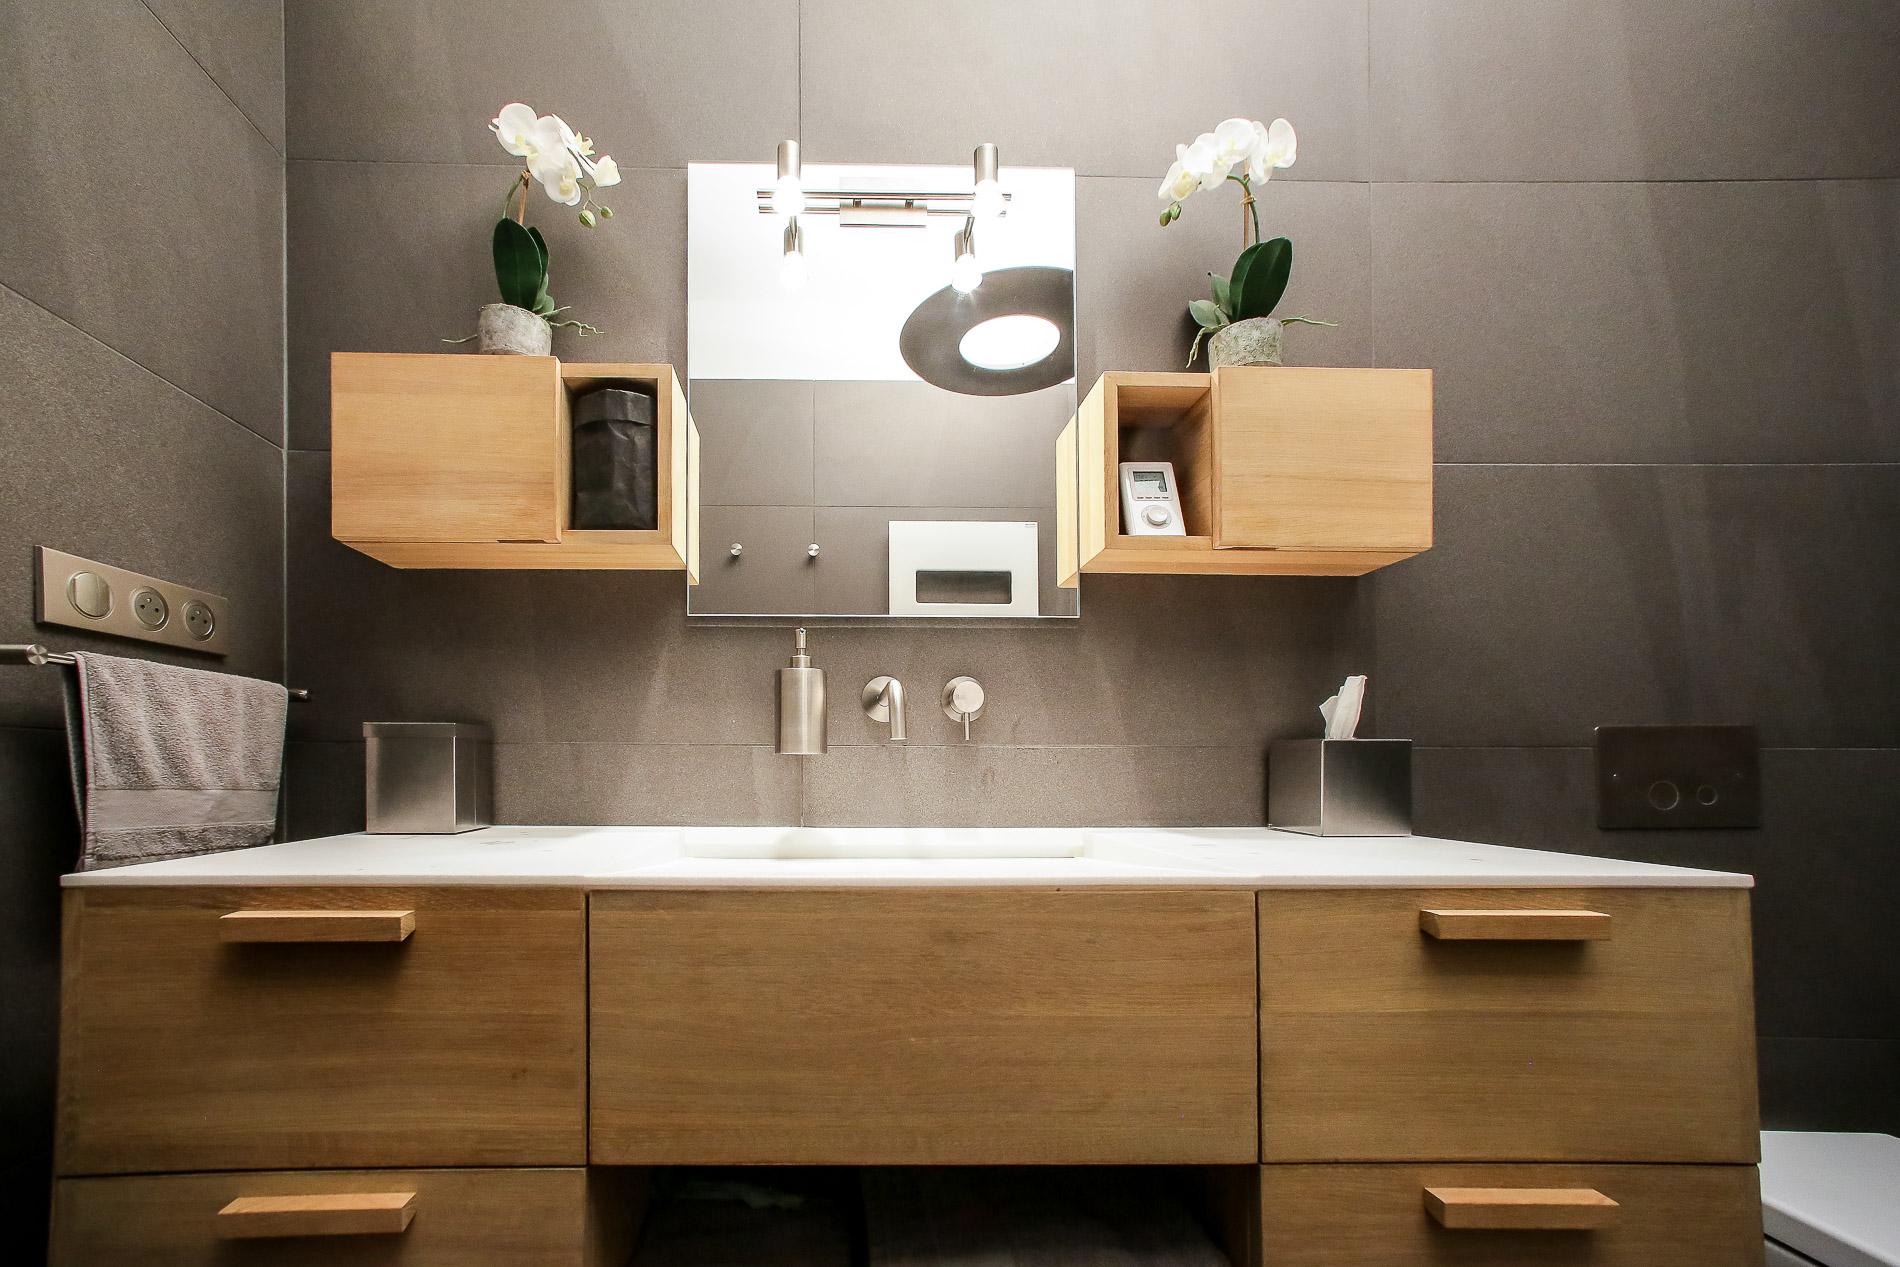 appartement lyon 2 architecture d 39 int rieurs agencement salle de bain vasque en pierre douche. Black Bedroom Furniture Sets. Home Design Ideas